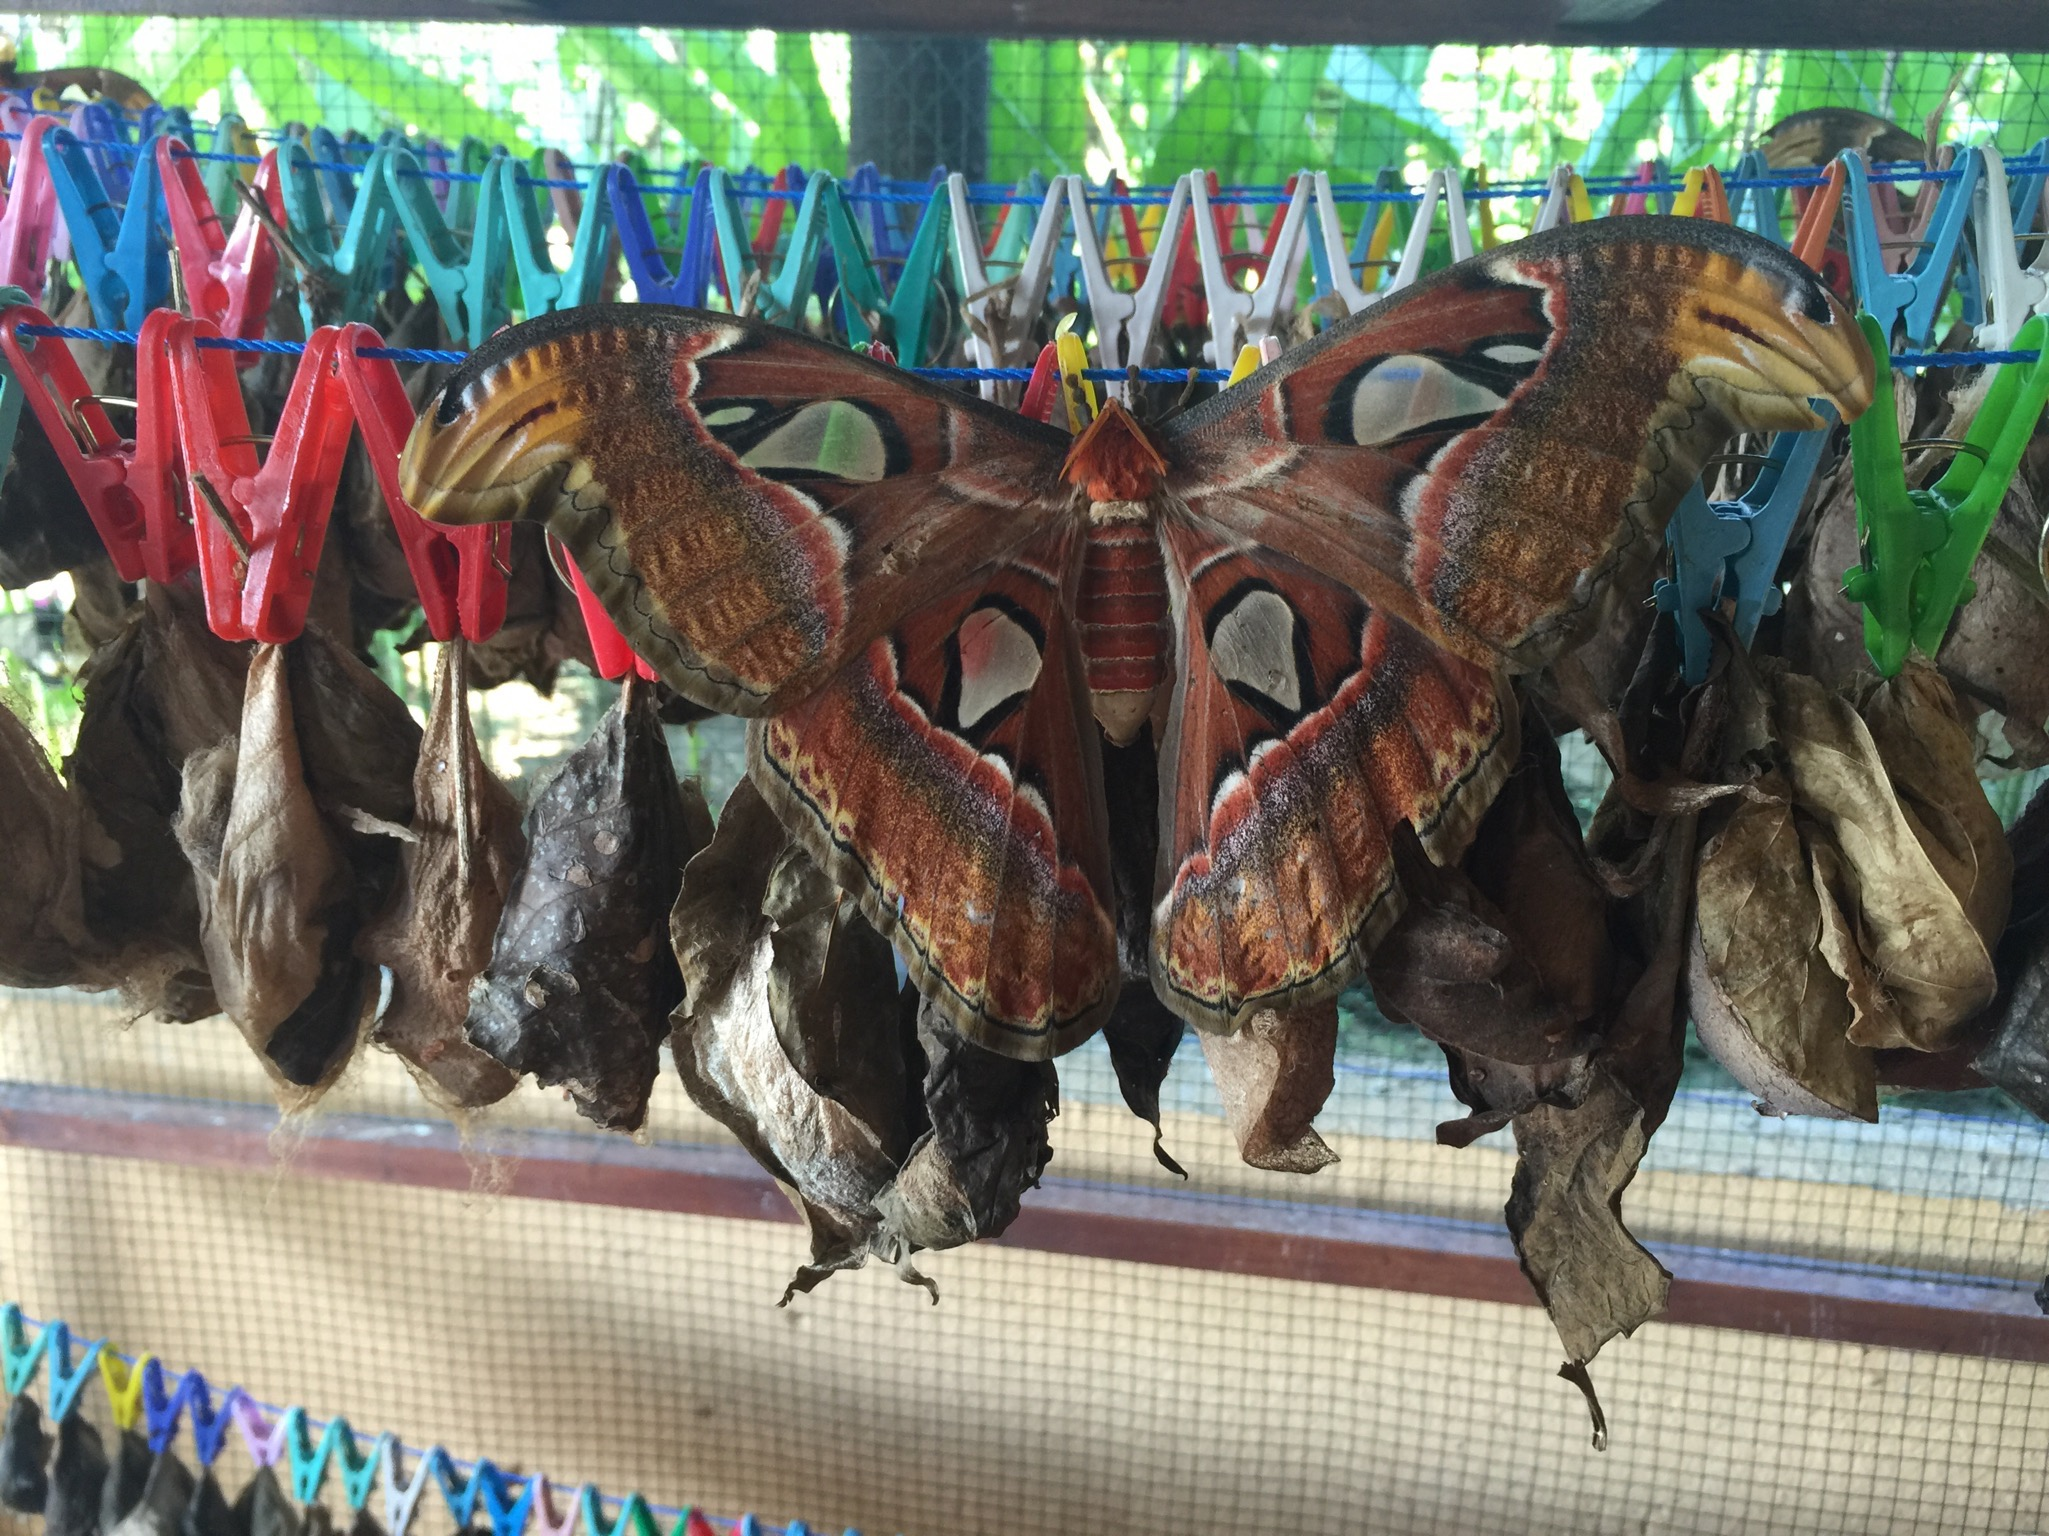 Kemeh Butterfly Park